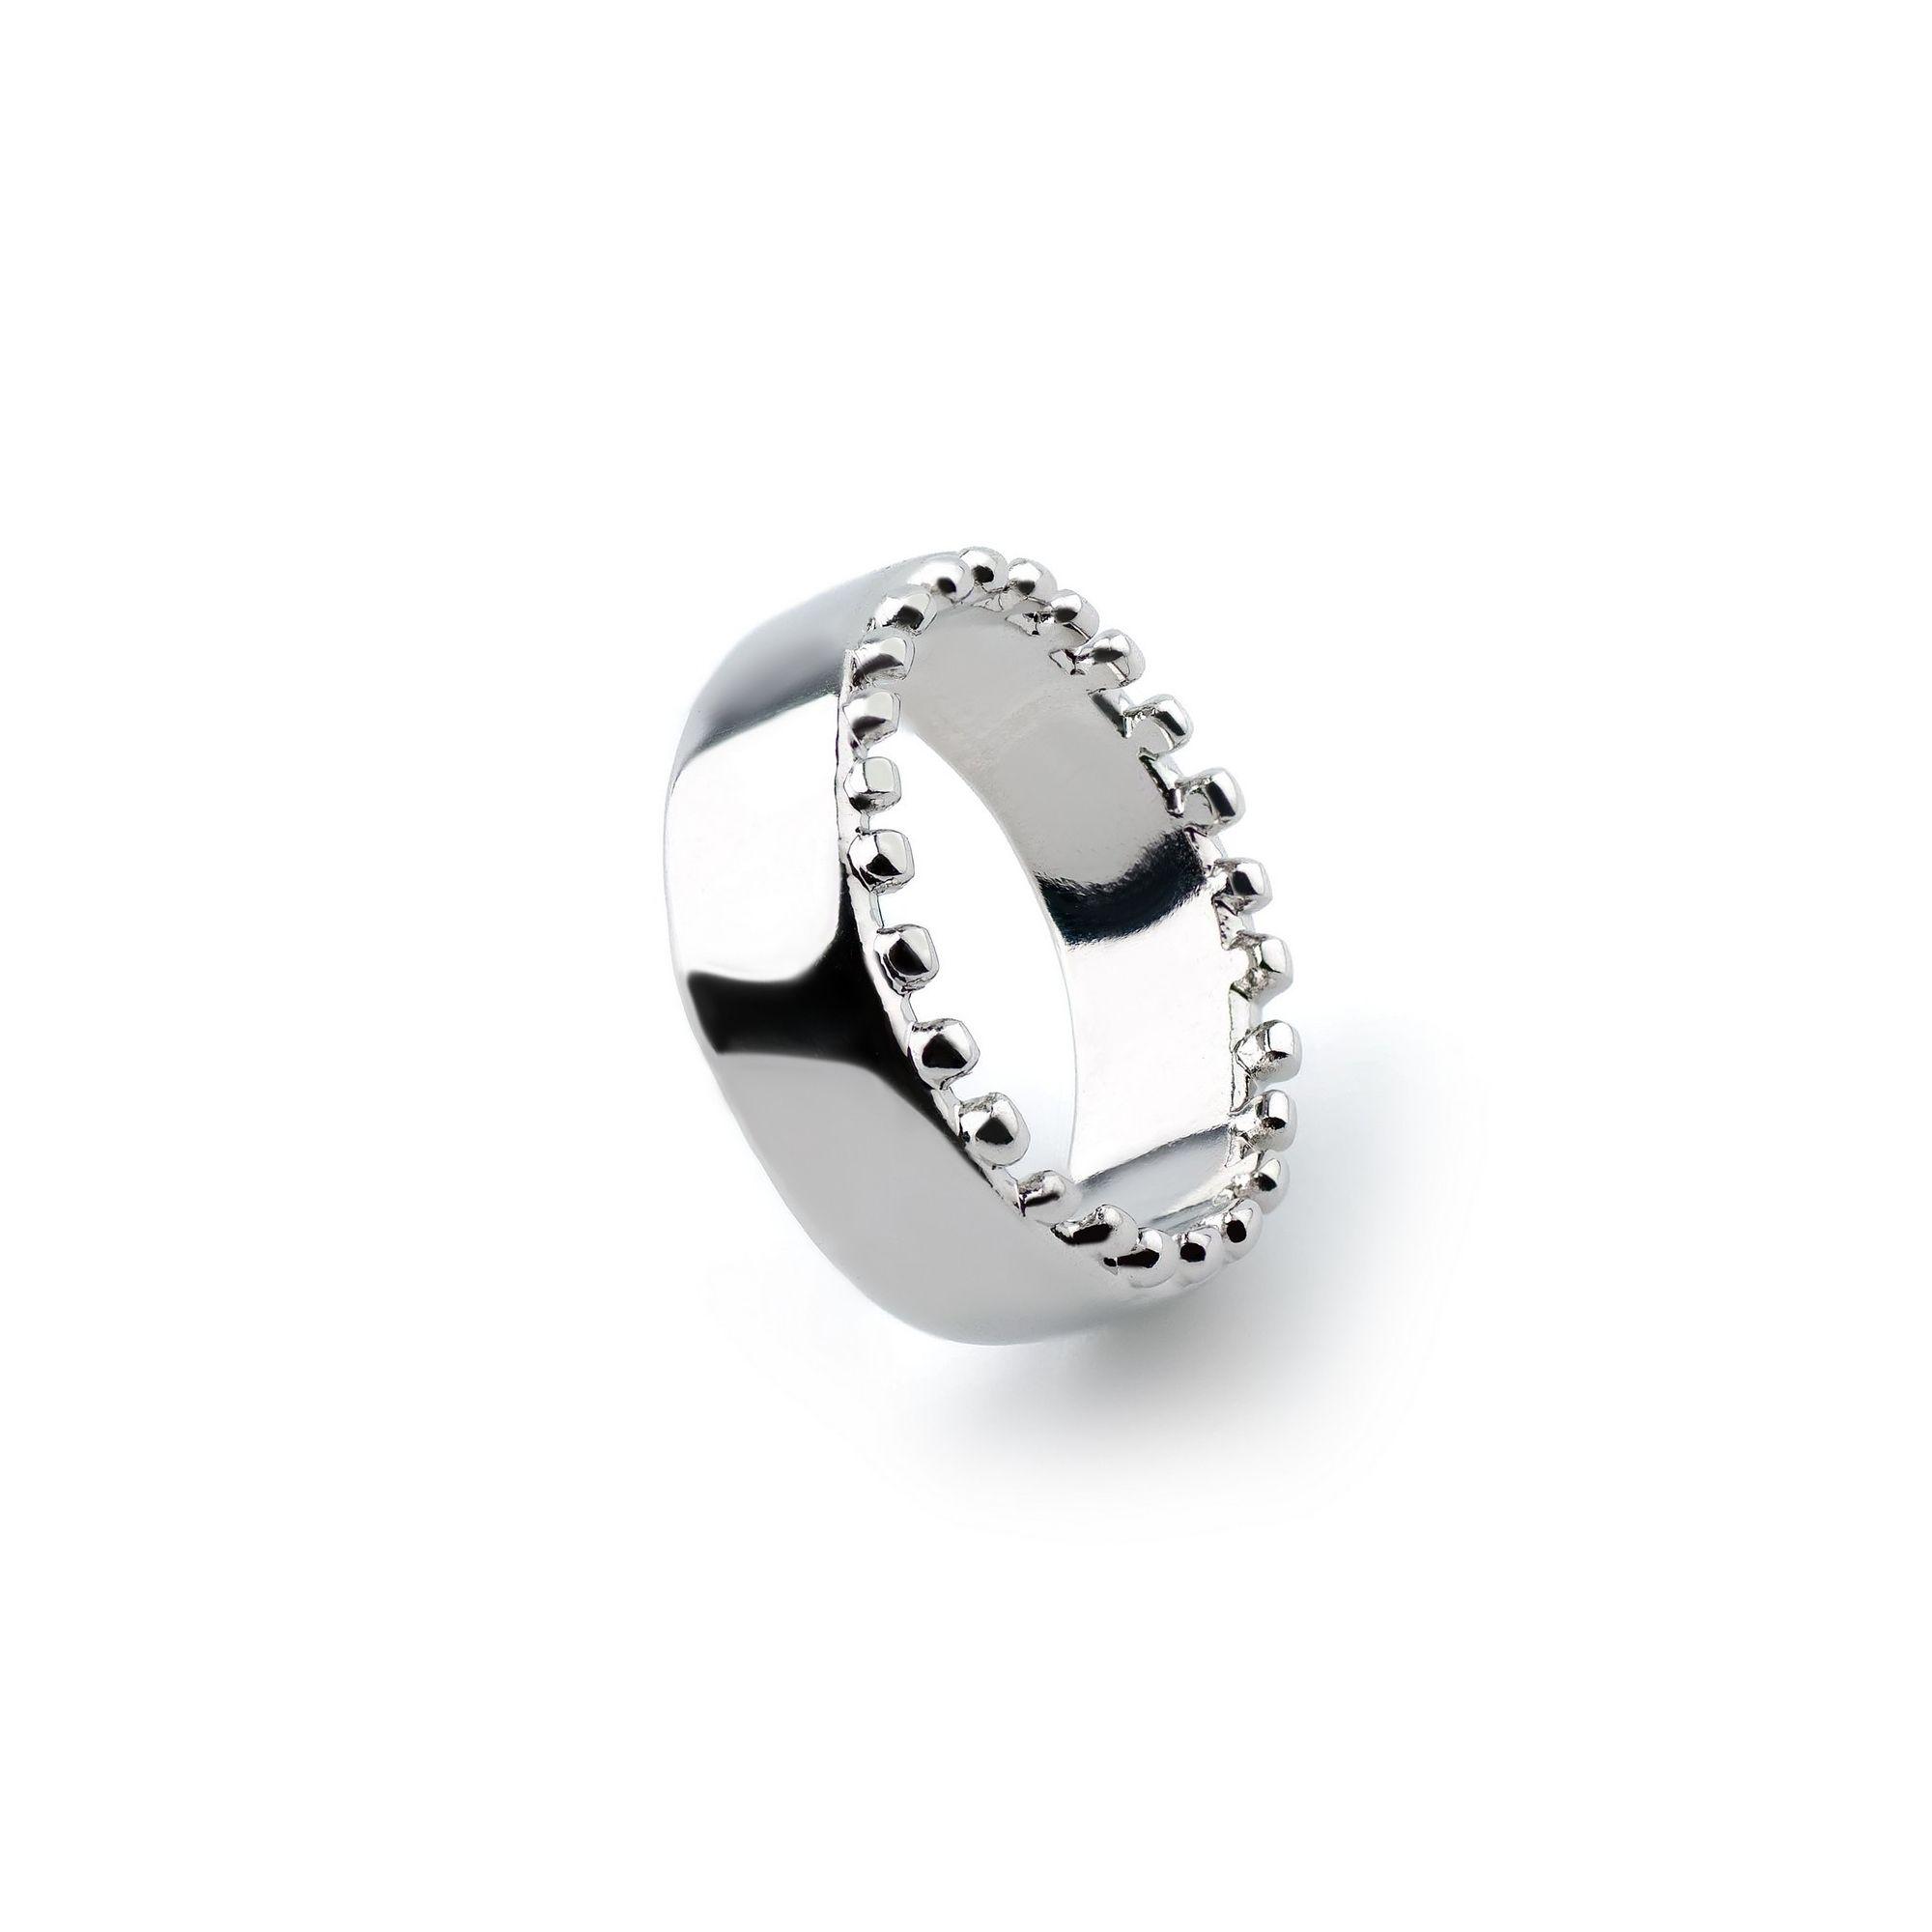 Кольцо с бусинками Moon Paris Ringo